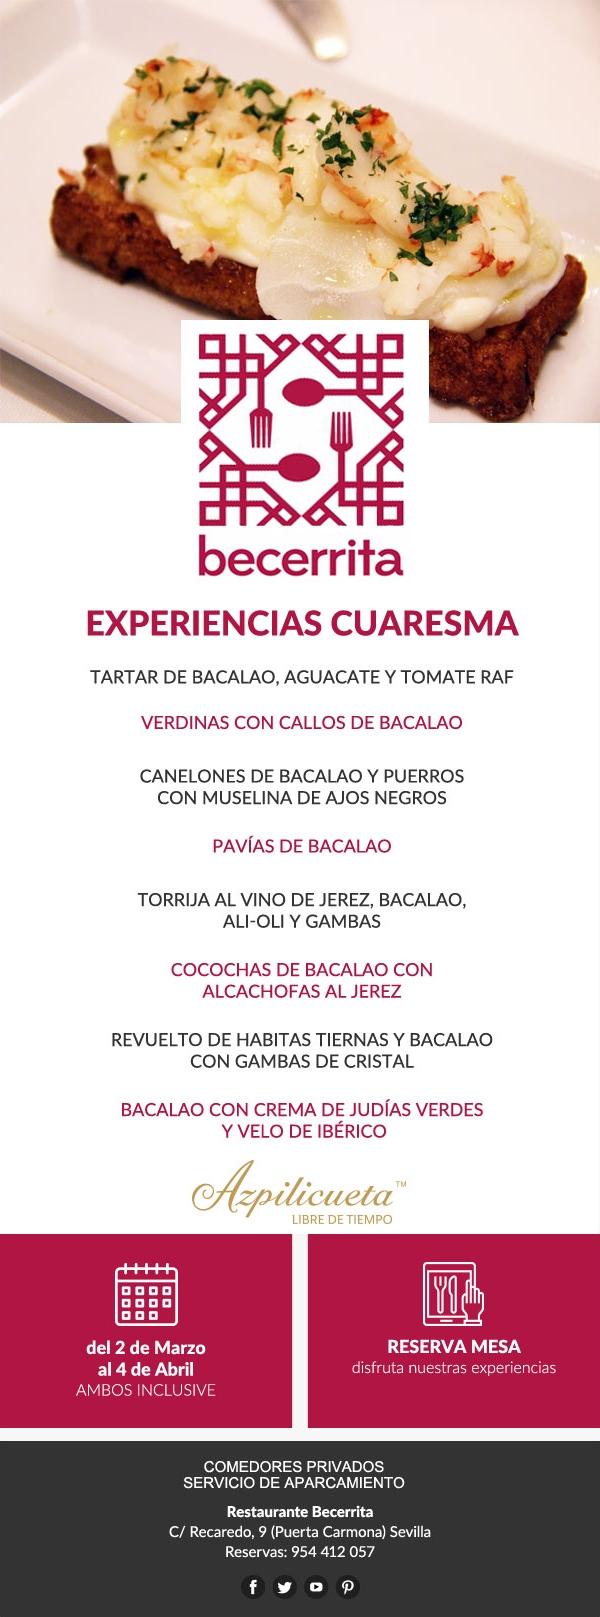 Experiencias de Cuaresma 2020 en Restaurante Becerrita, Sevilla